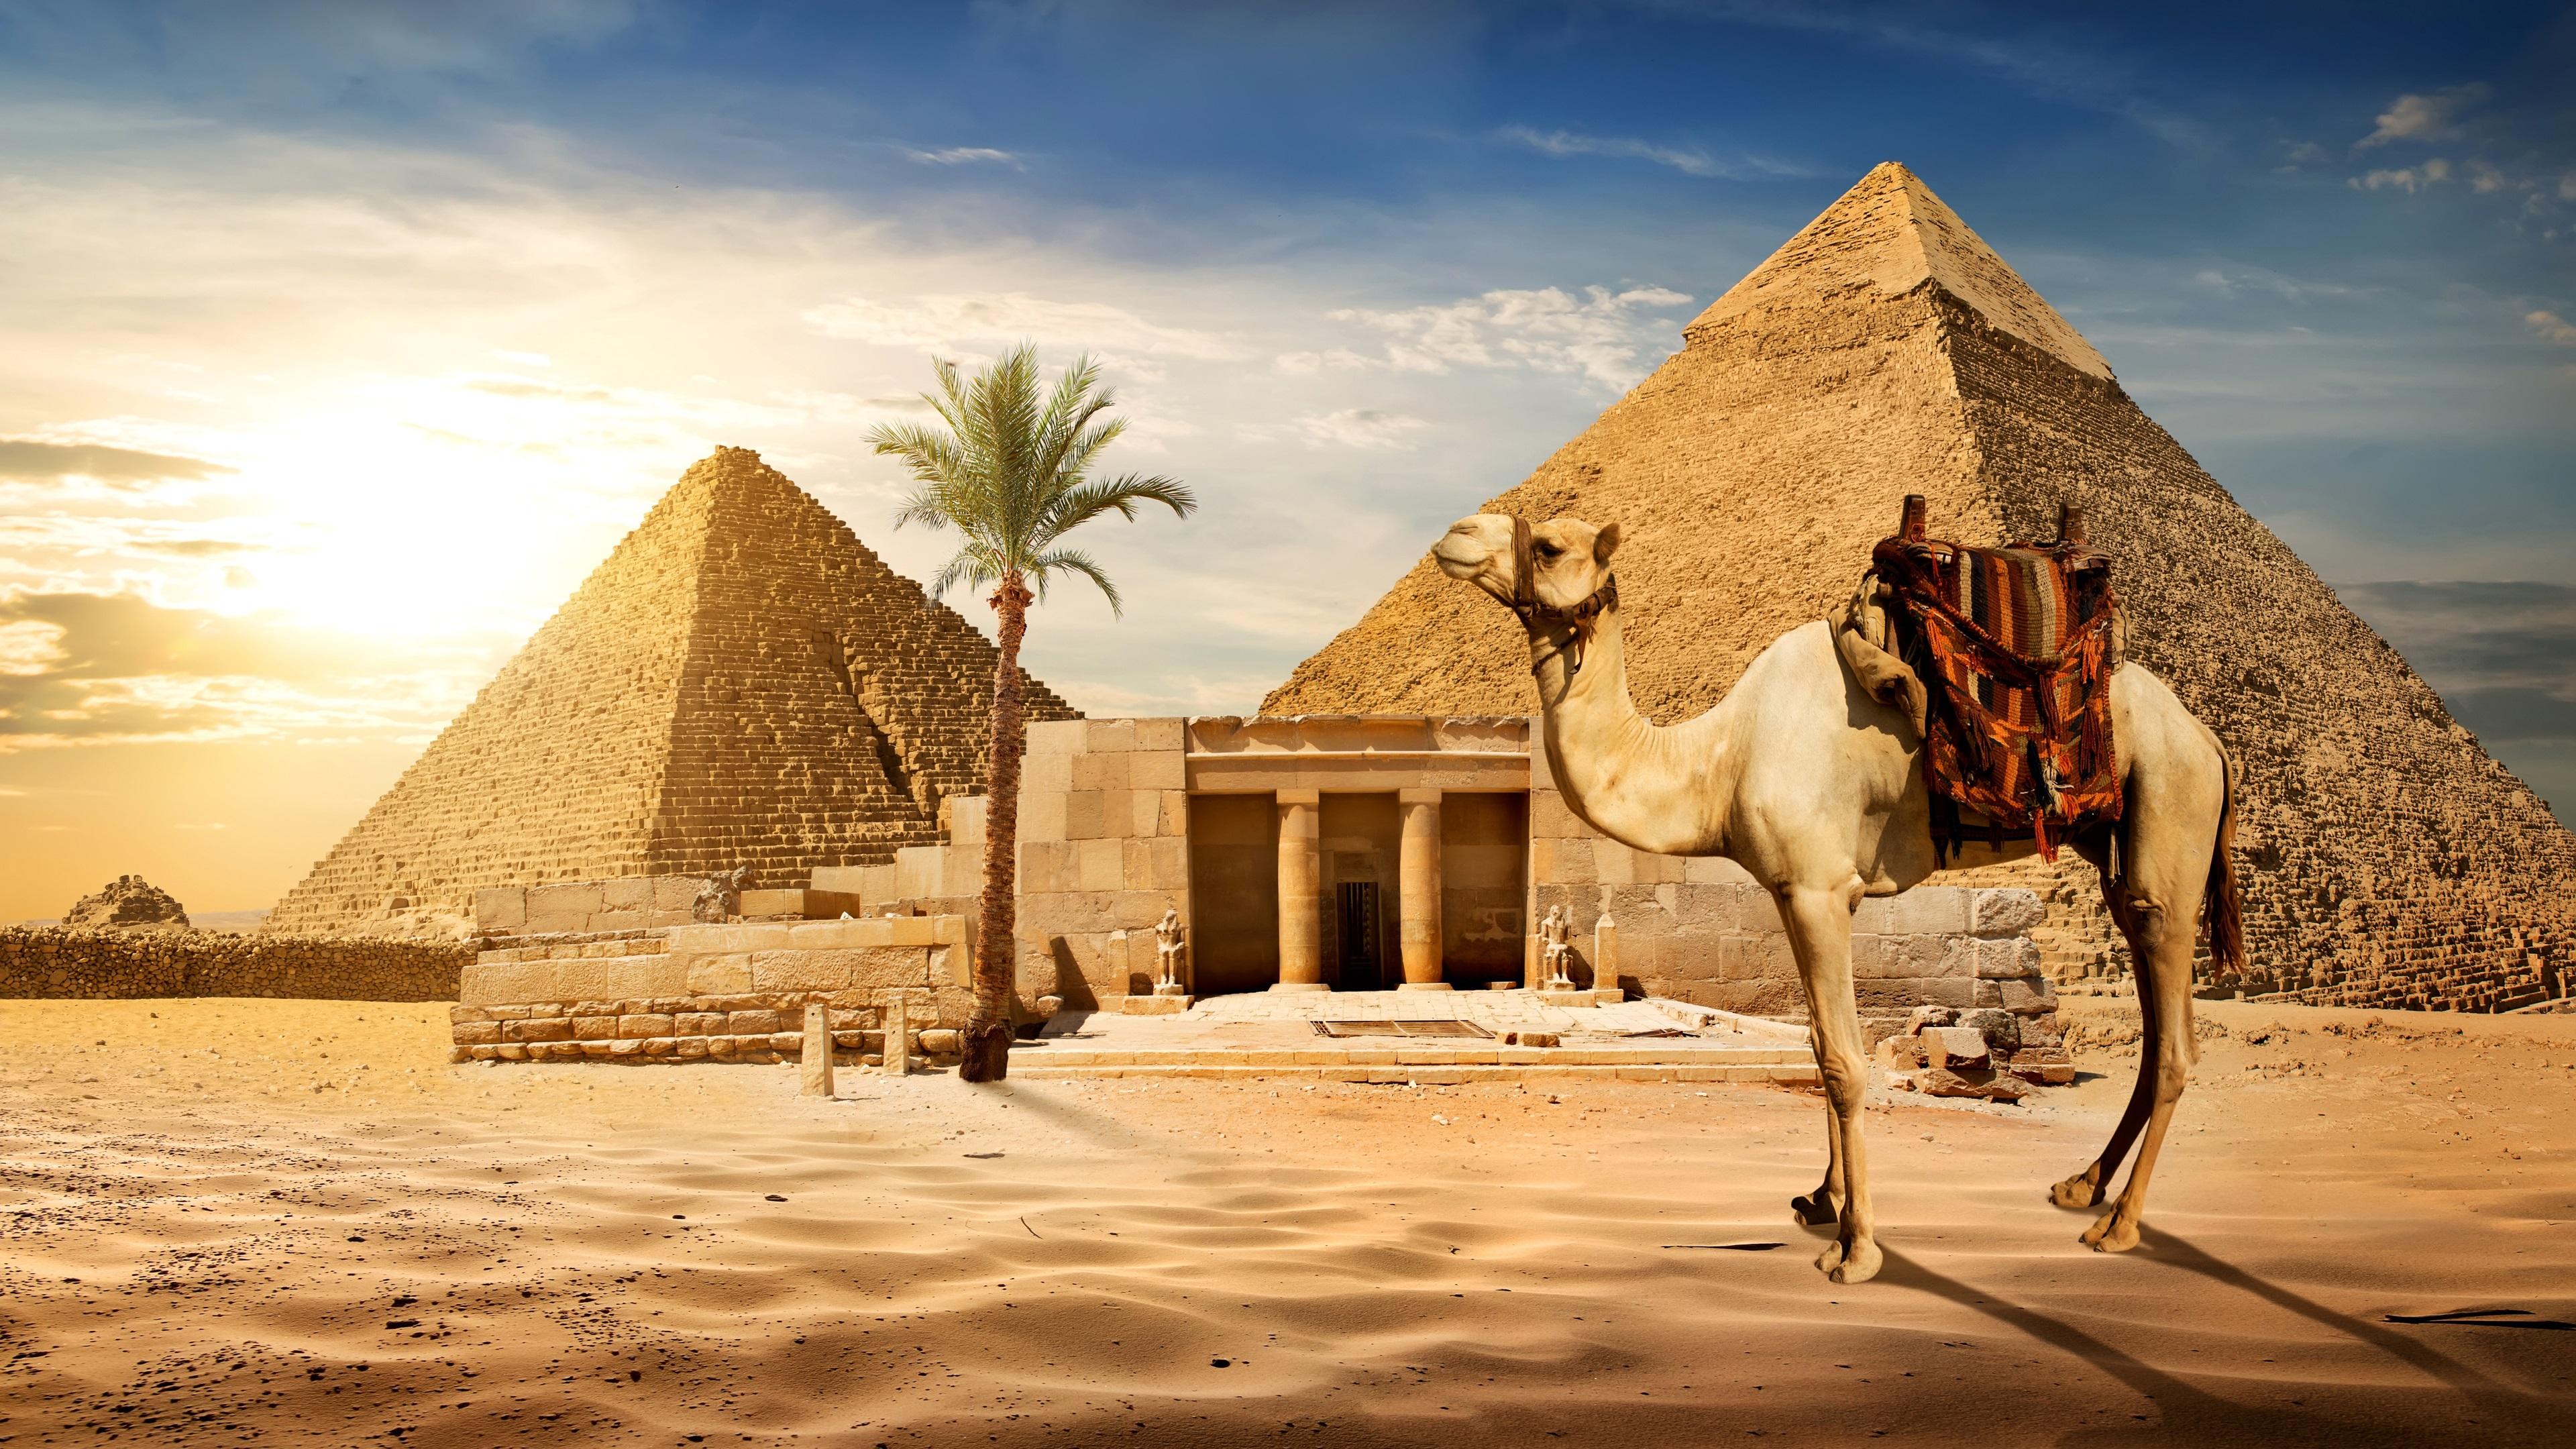 Fonds D Ecran Le Caire Pyramide Chameau Sables Palmier Soleil Egypte 3840x2160 Uhd 4k Image